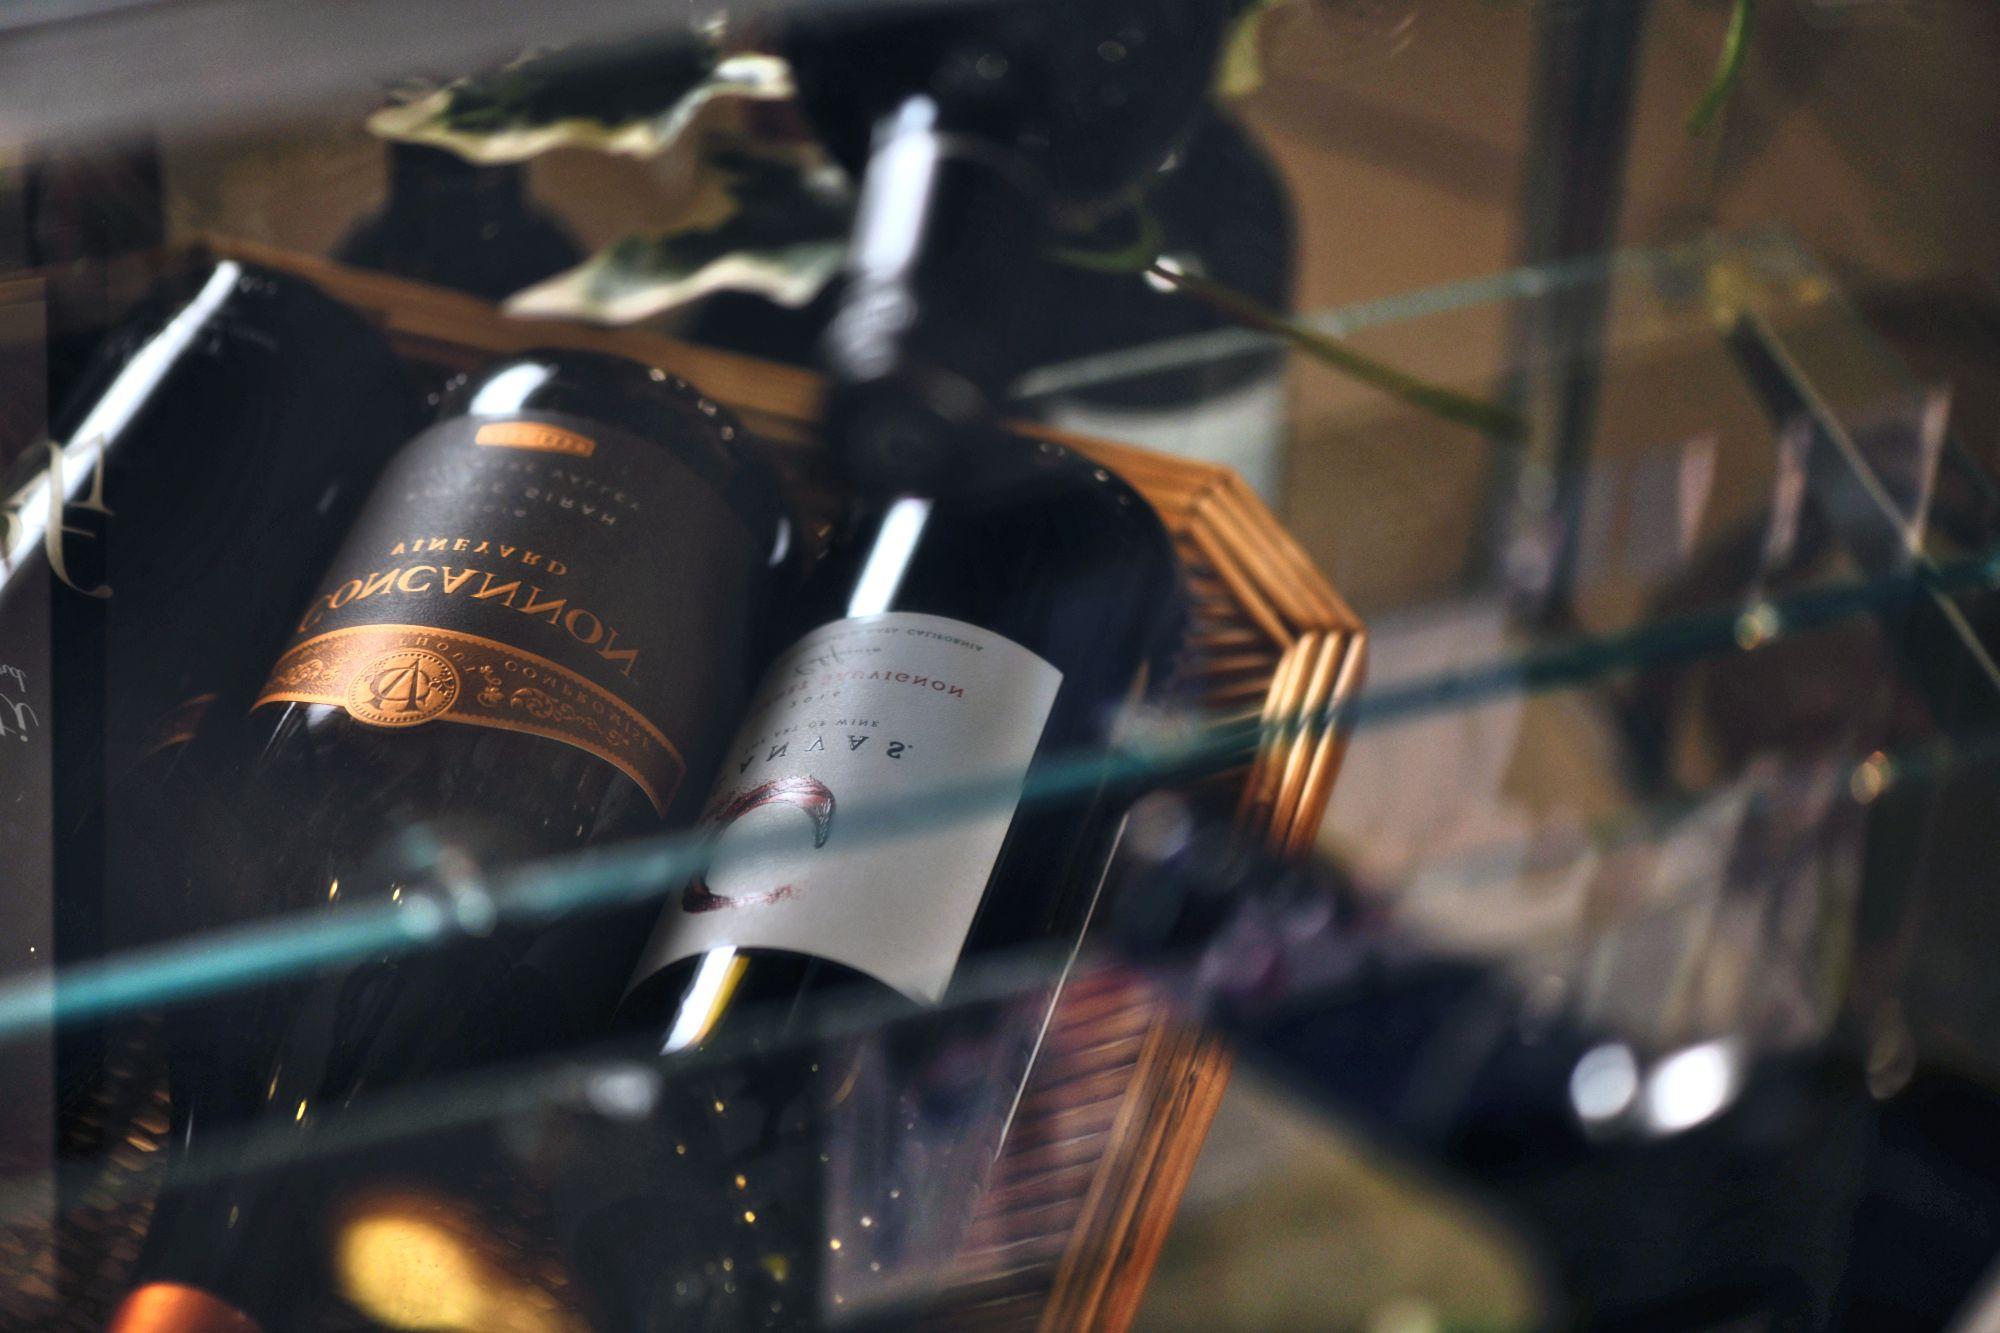 Wine in a glass case.